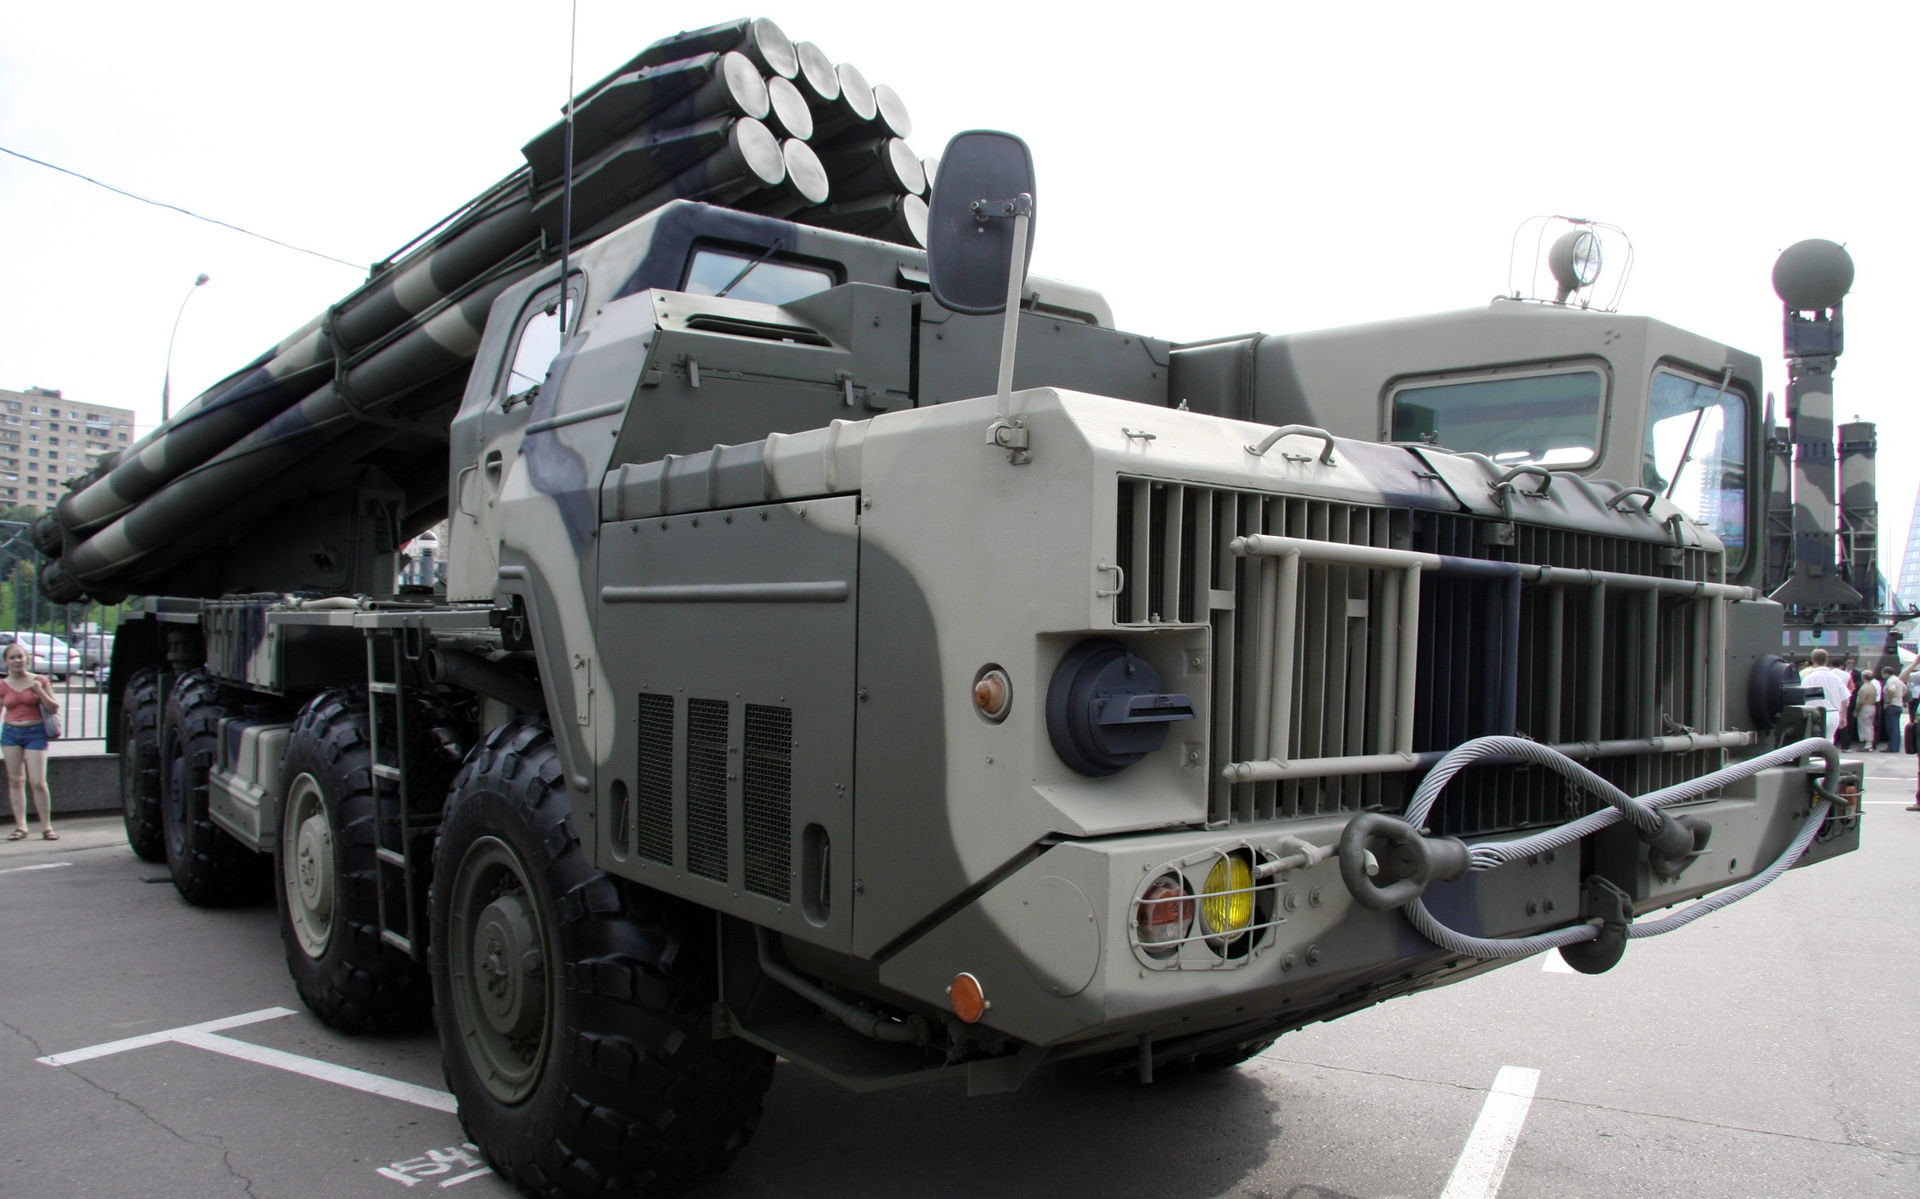 9K58 Smerč na ekspoziciji ruskega obrambnega ministrstva. Do leta 2020 naj bi ga v v ruski vojski celoti zamenjal novi Tornado-S.